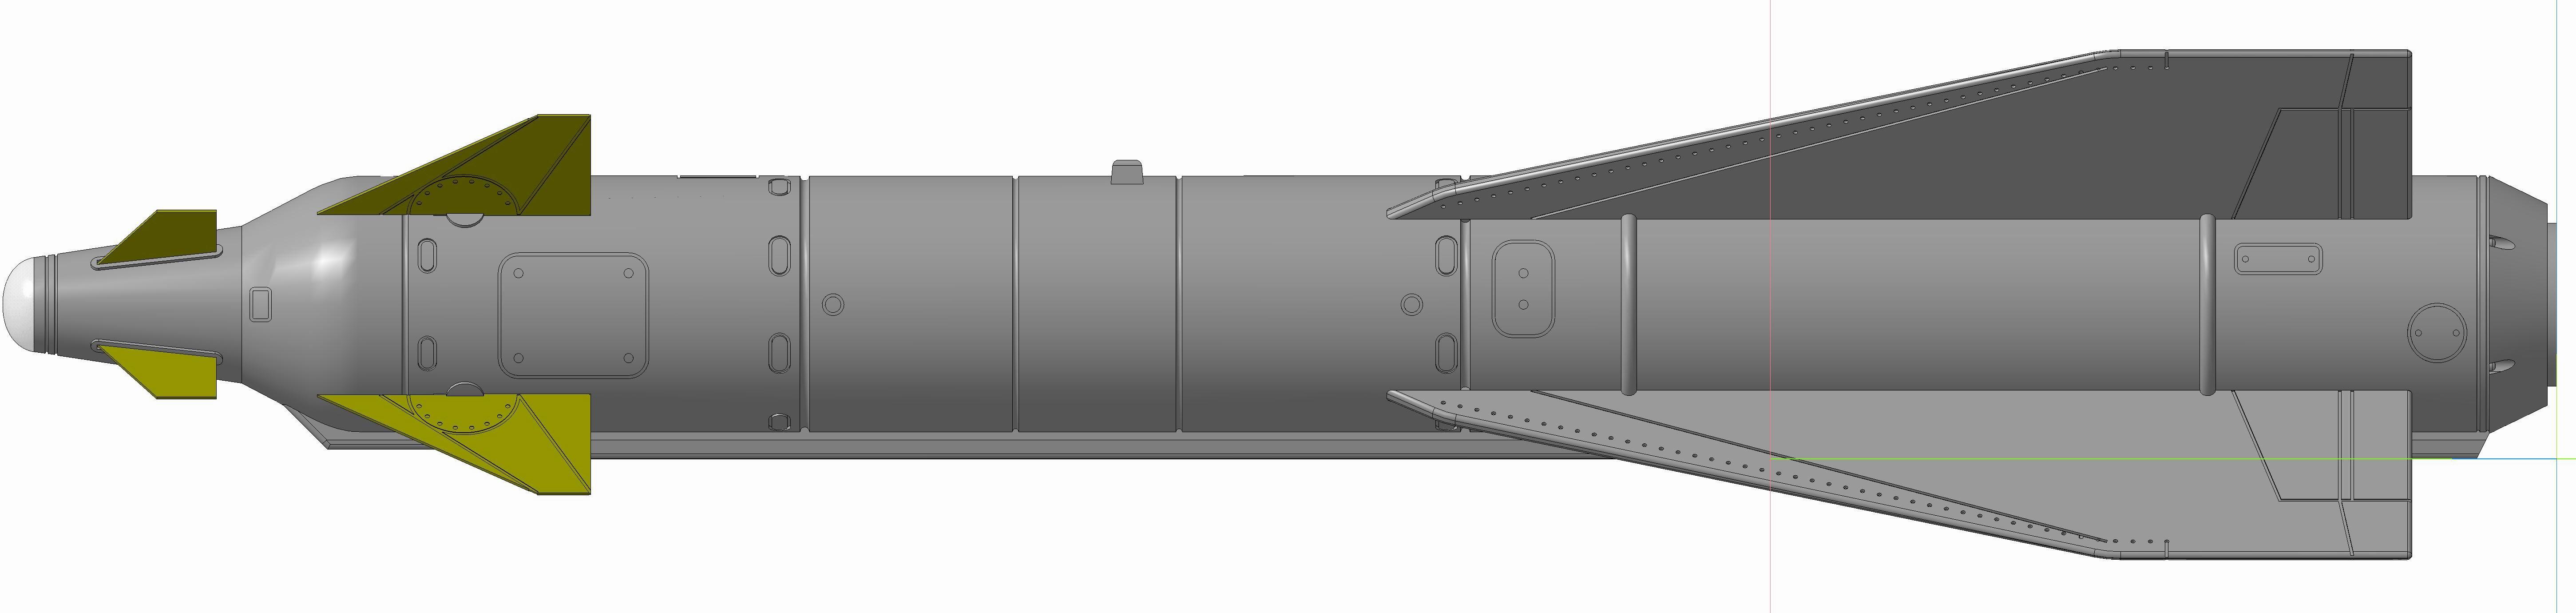 Kh-29L, varian dengan pemandu semi active laser.